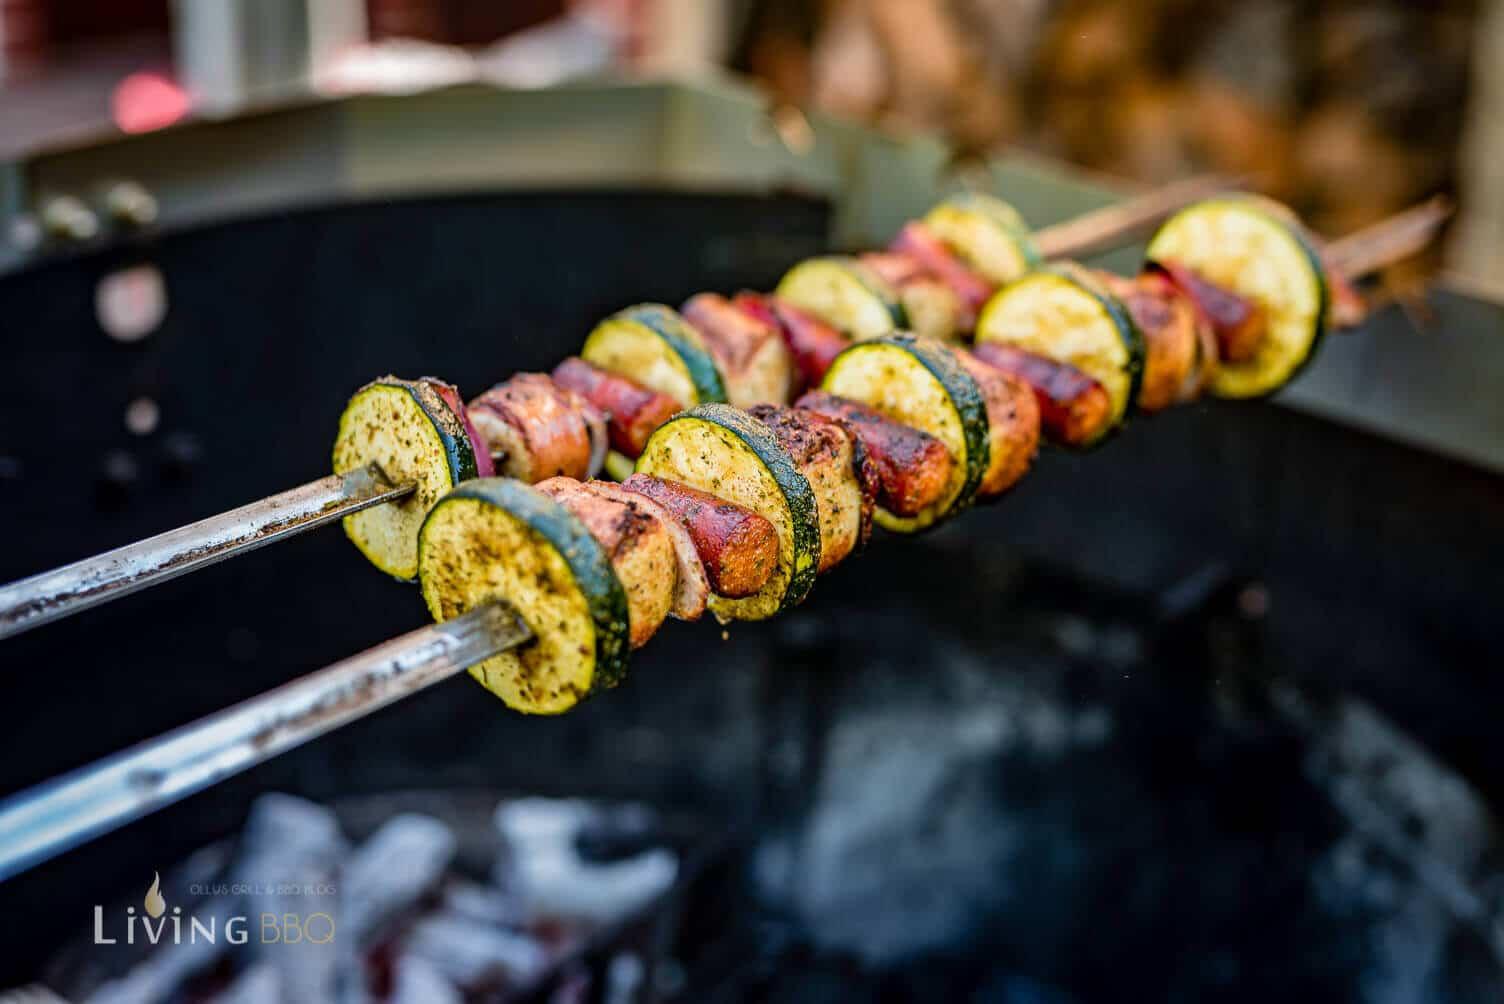 Bratwurst Spieße auf dem grill _Grillspie  e mit Bratwurst 8 von 14